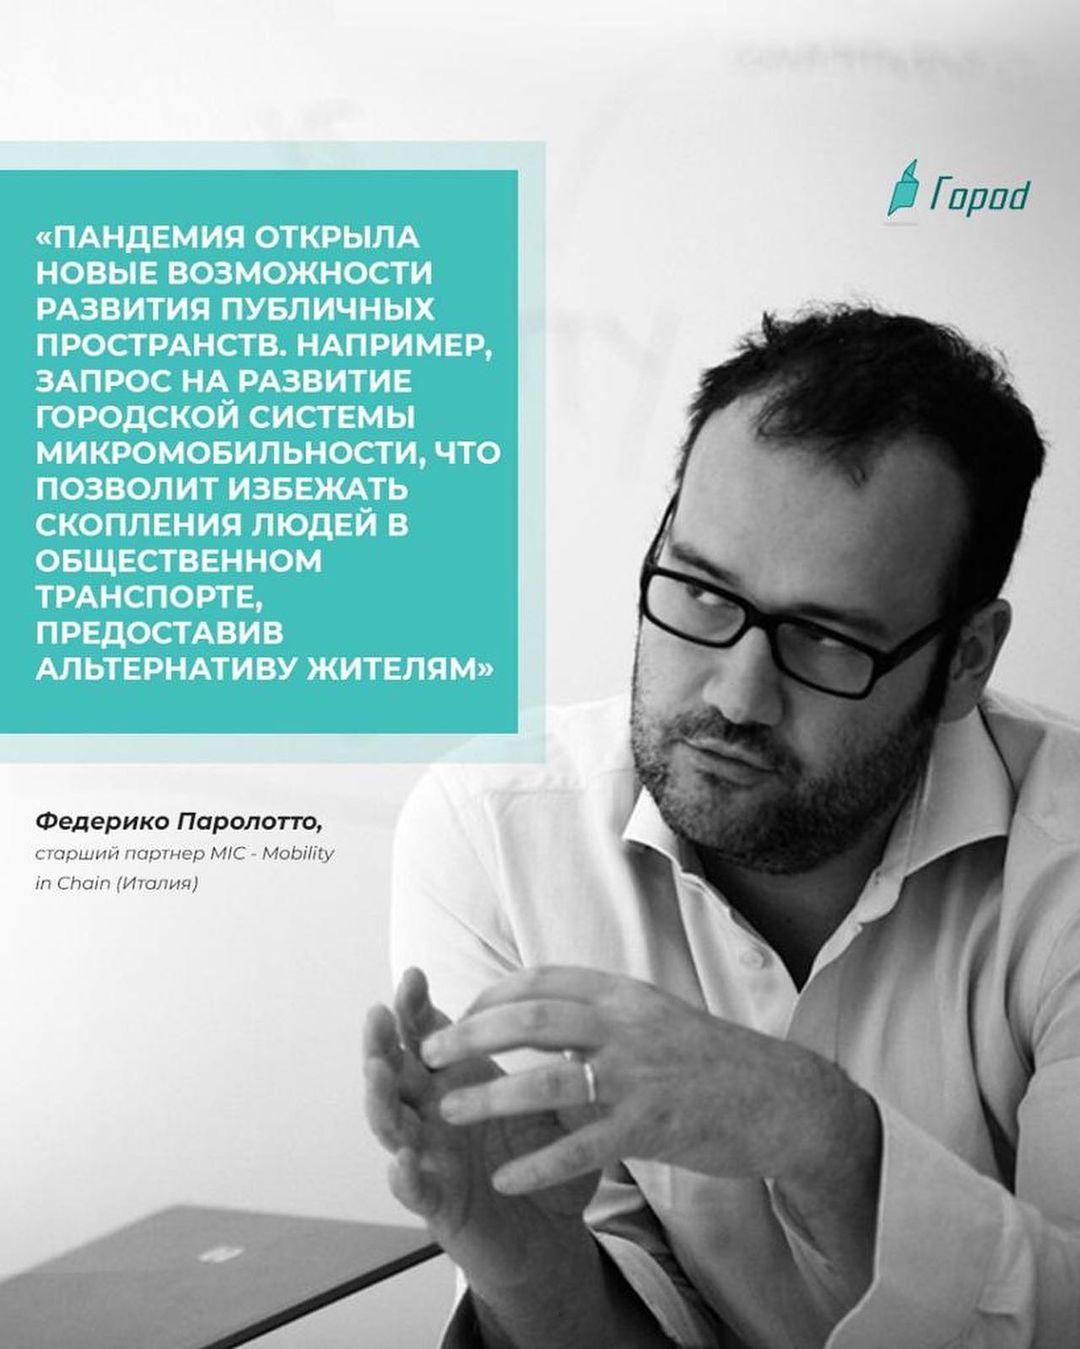 Федерико ПАРОЛОТТО